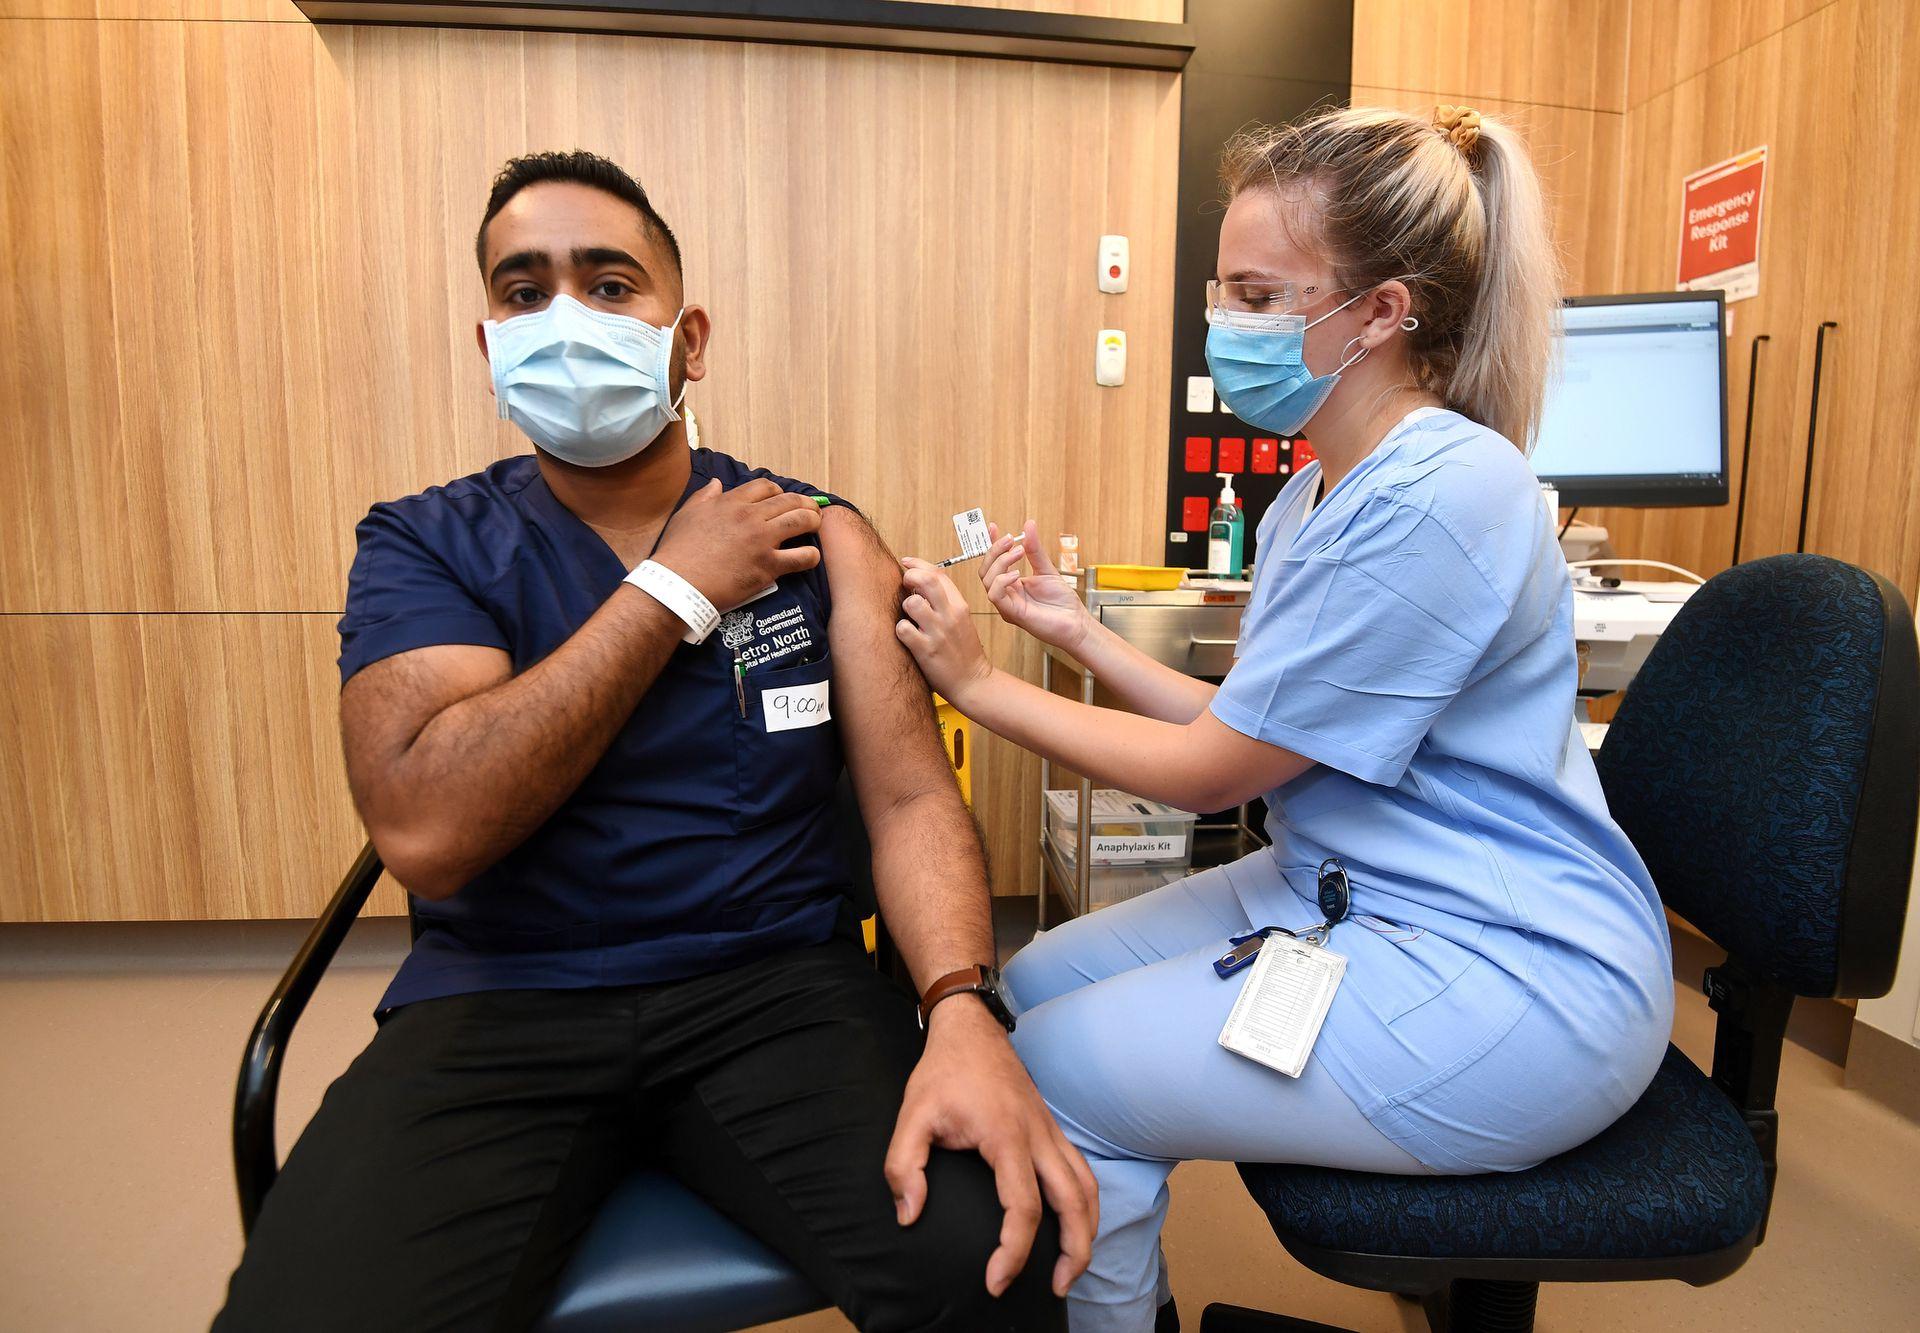 AUSTRALIA: Zuby Daryau está siendo vacunado durante el lanzamiento de la vacuna COVID-19 Pfizer en las instalaciones de STARS Metro North Health, en Brisbane, el lunes 1 de marzo de 2021.